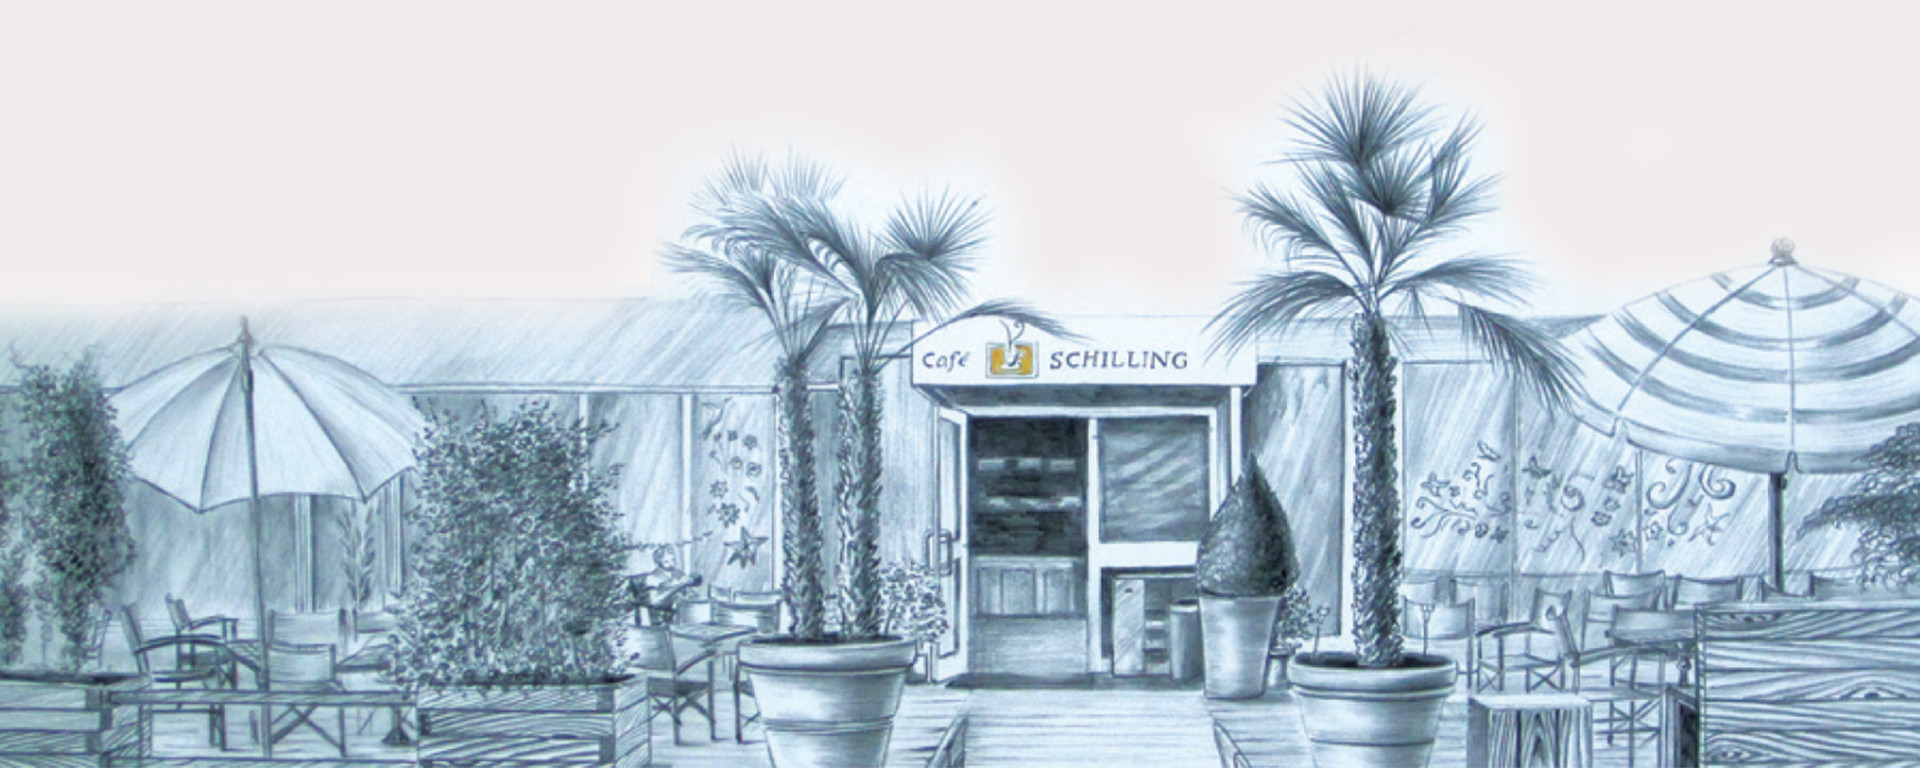 Herzlich Willkommen im Cafe Schilling